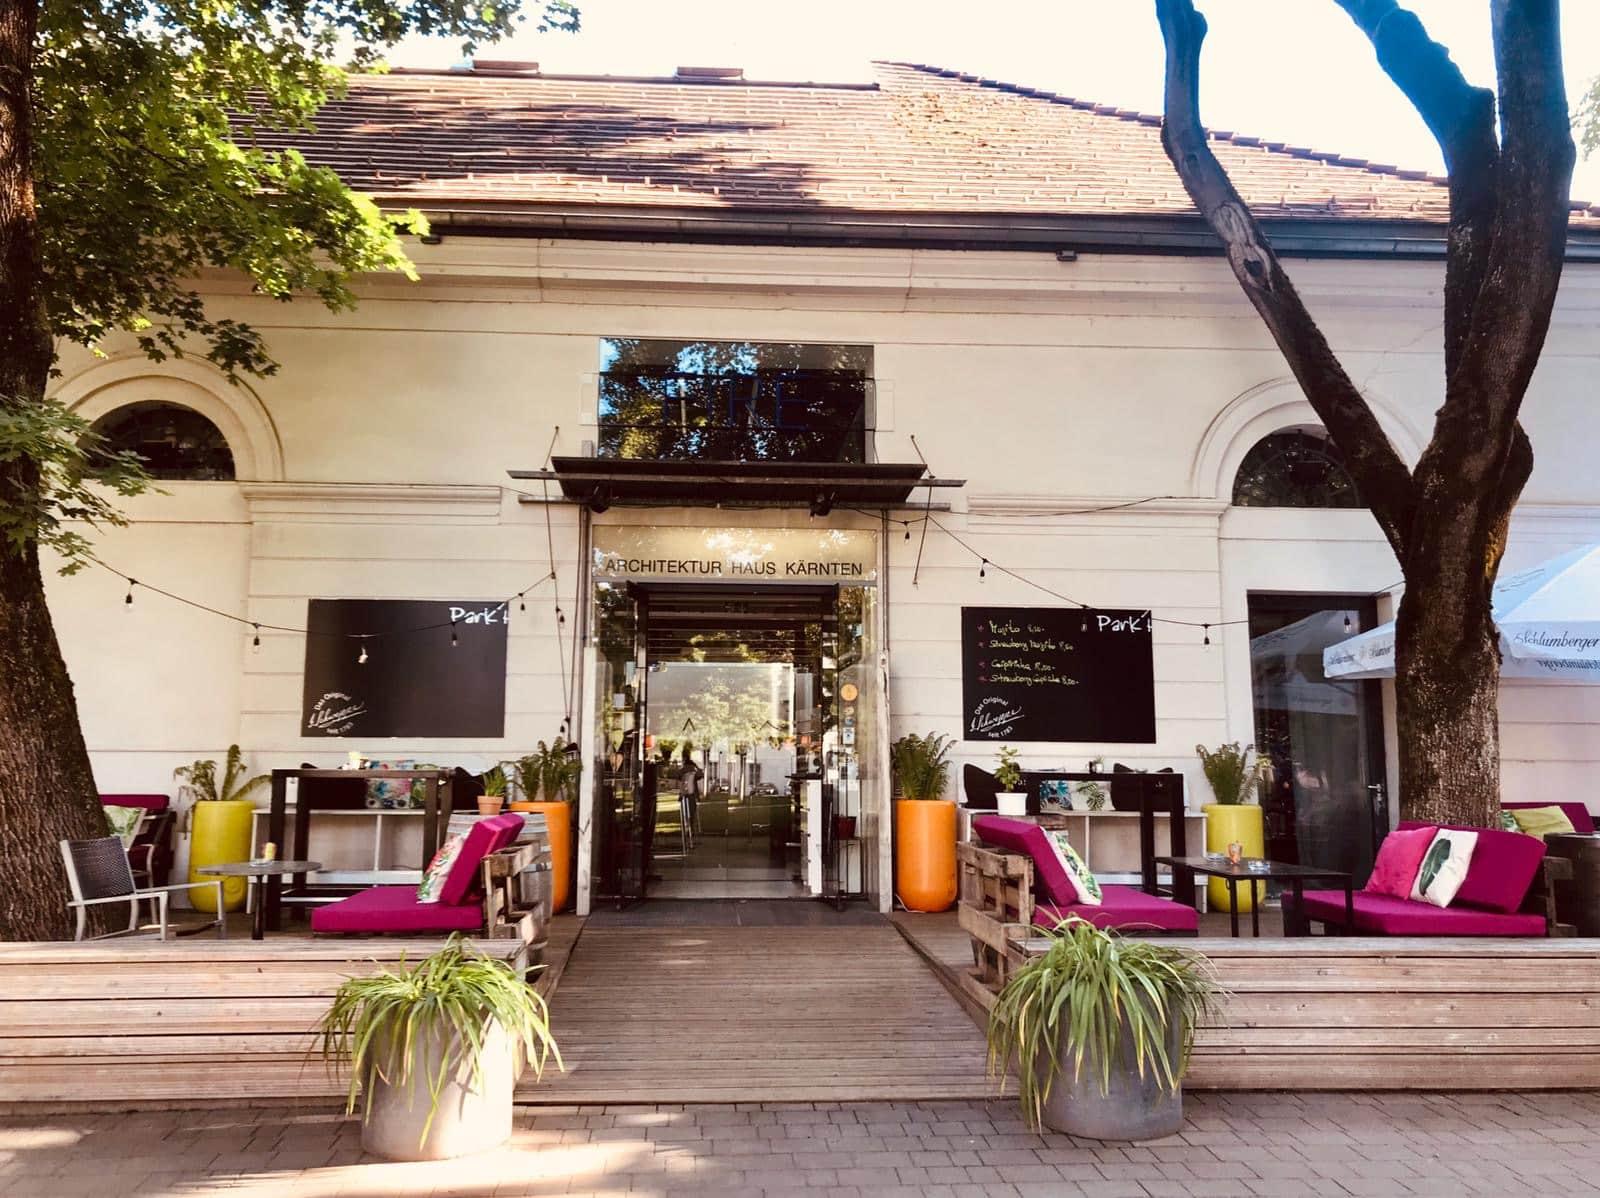 Außenansicht vom Parkhaus mit Schriftzug Architektur Haus Kärnten, im Vordergrund zwei Grünfplanzen, die die Rampe zum Eingang zieren, die Sitzmöbel sind mit pinken und grünen Sitzpölstern bedeckt.